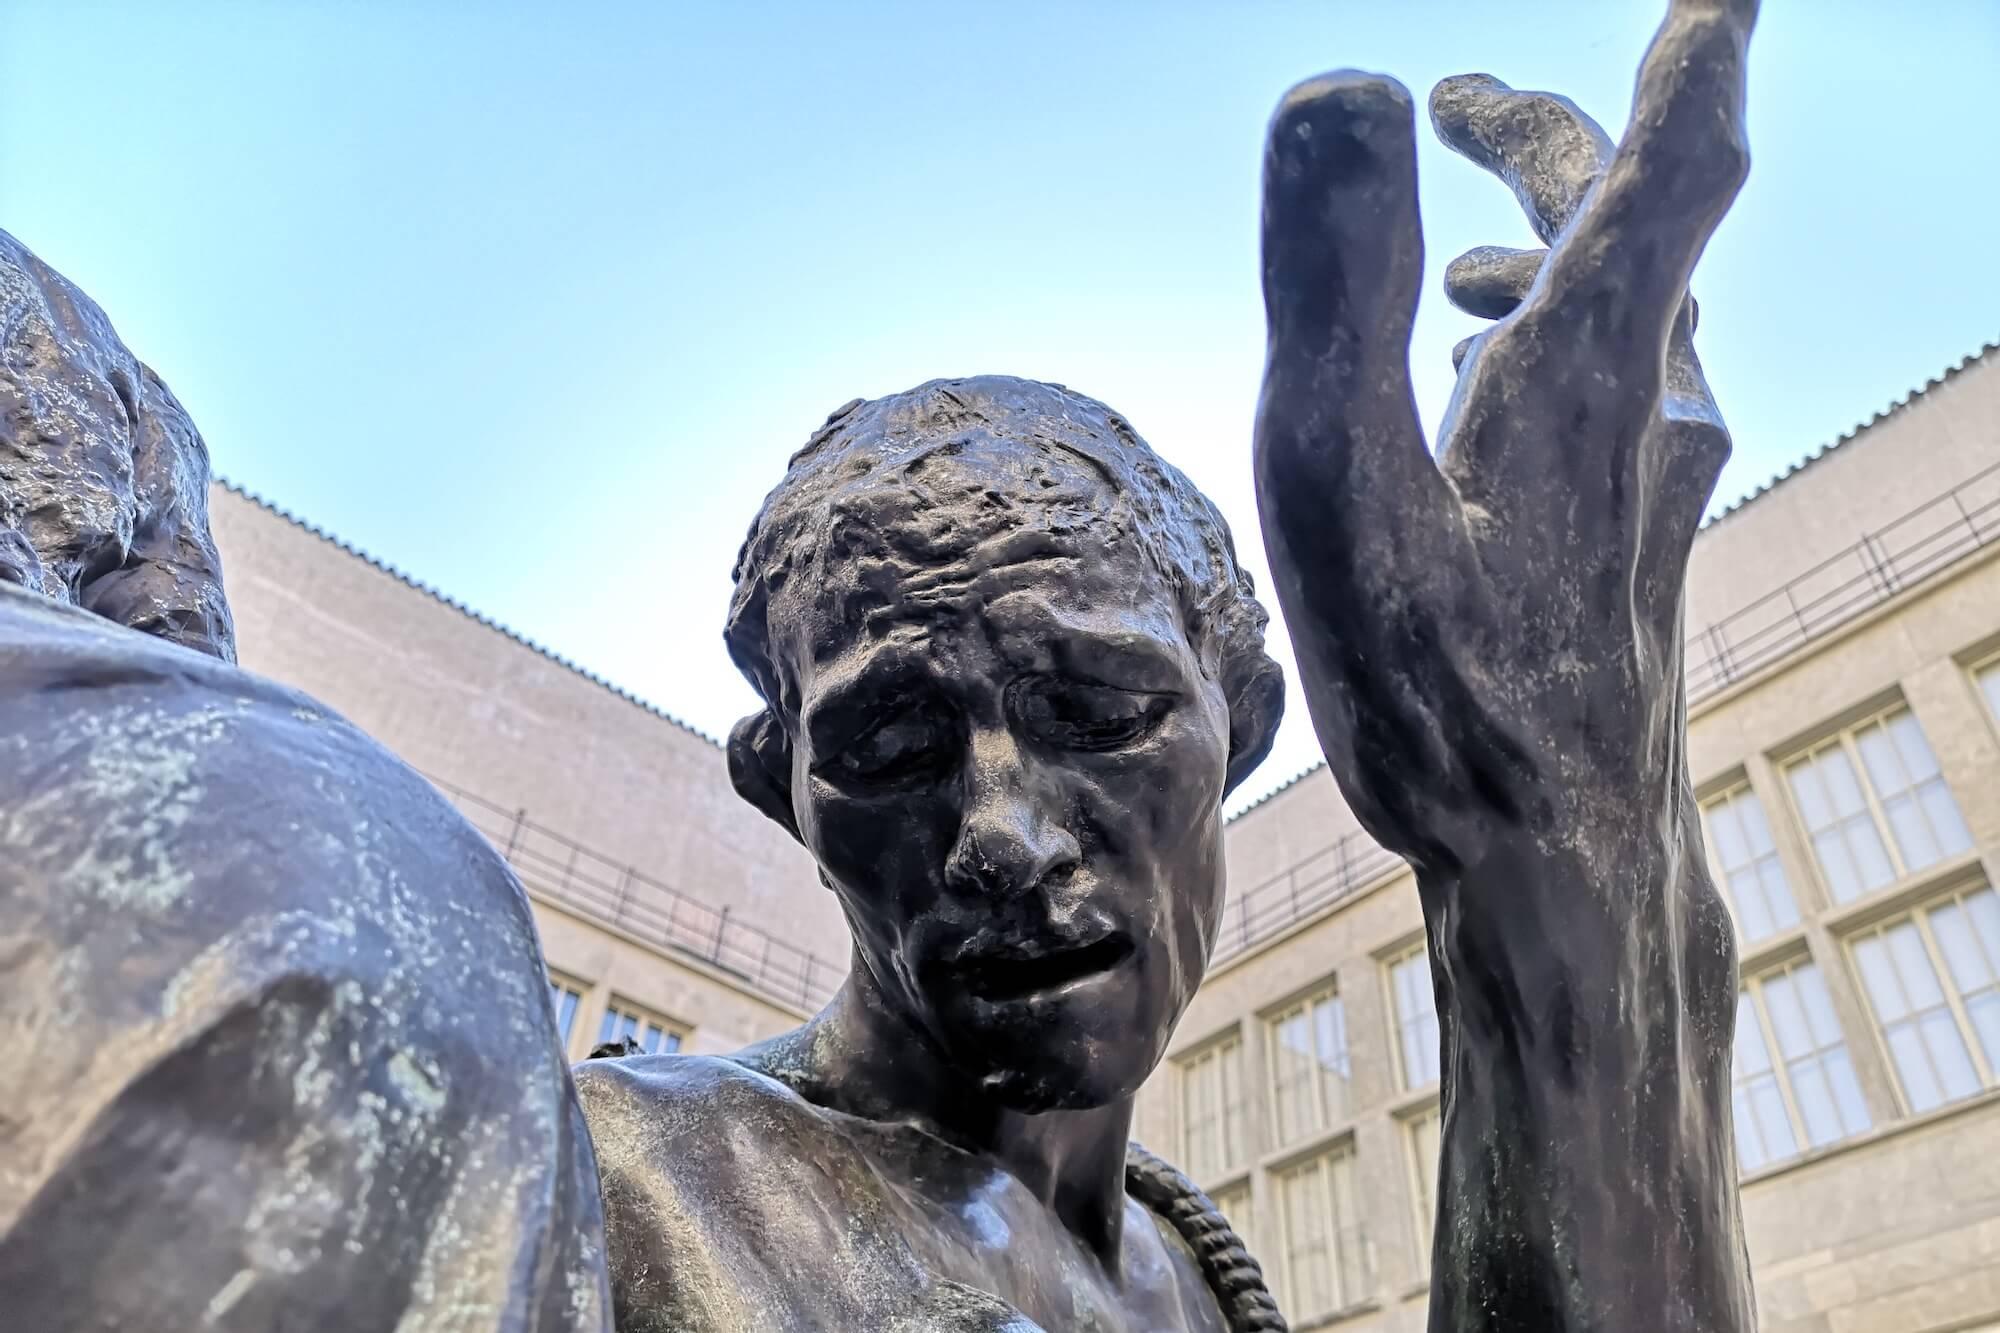 Auguste Rodin und die Kunsthalle Bremen verbindet eine gemeinsame Geschichte. Das Museum zeigt nun zahlreiche Werke des Bildhauers.